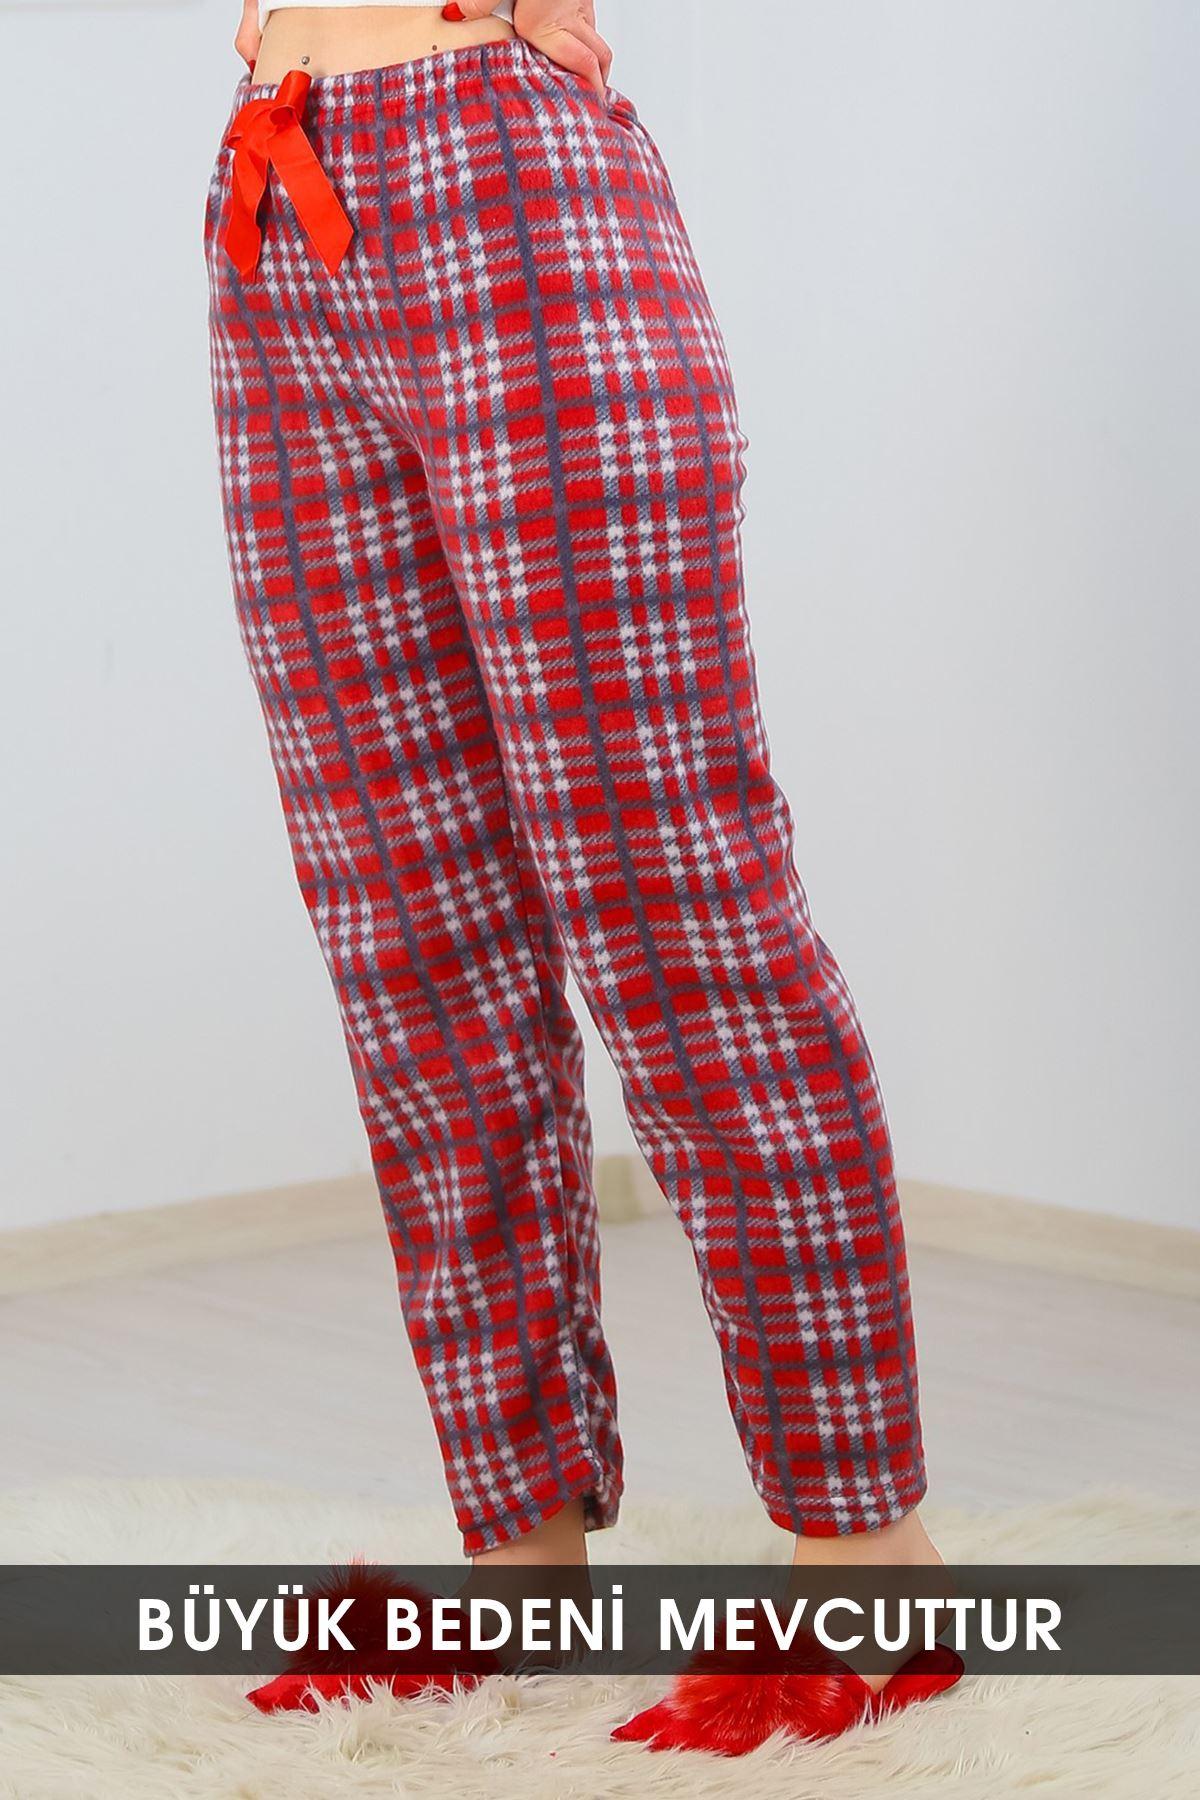 Polar Pijama Altı Karelikırmızı - 4570.919.